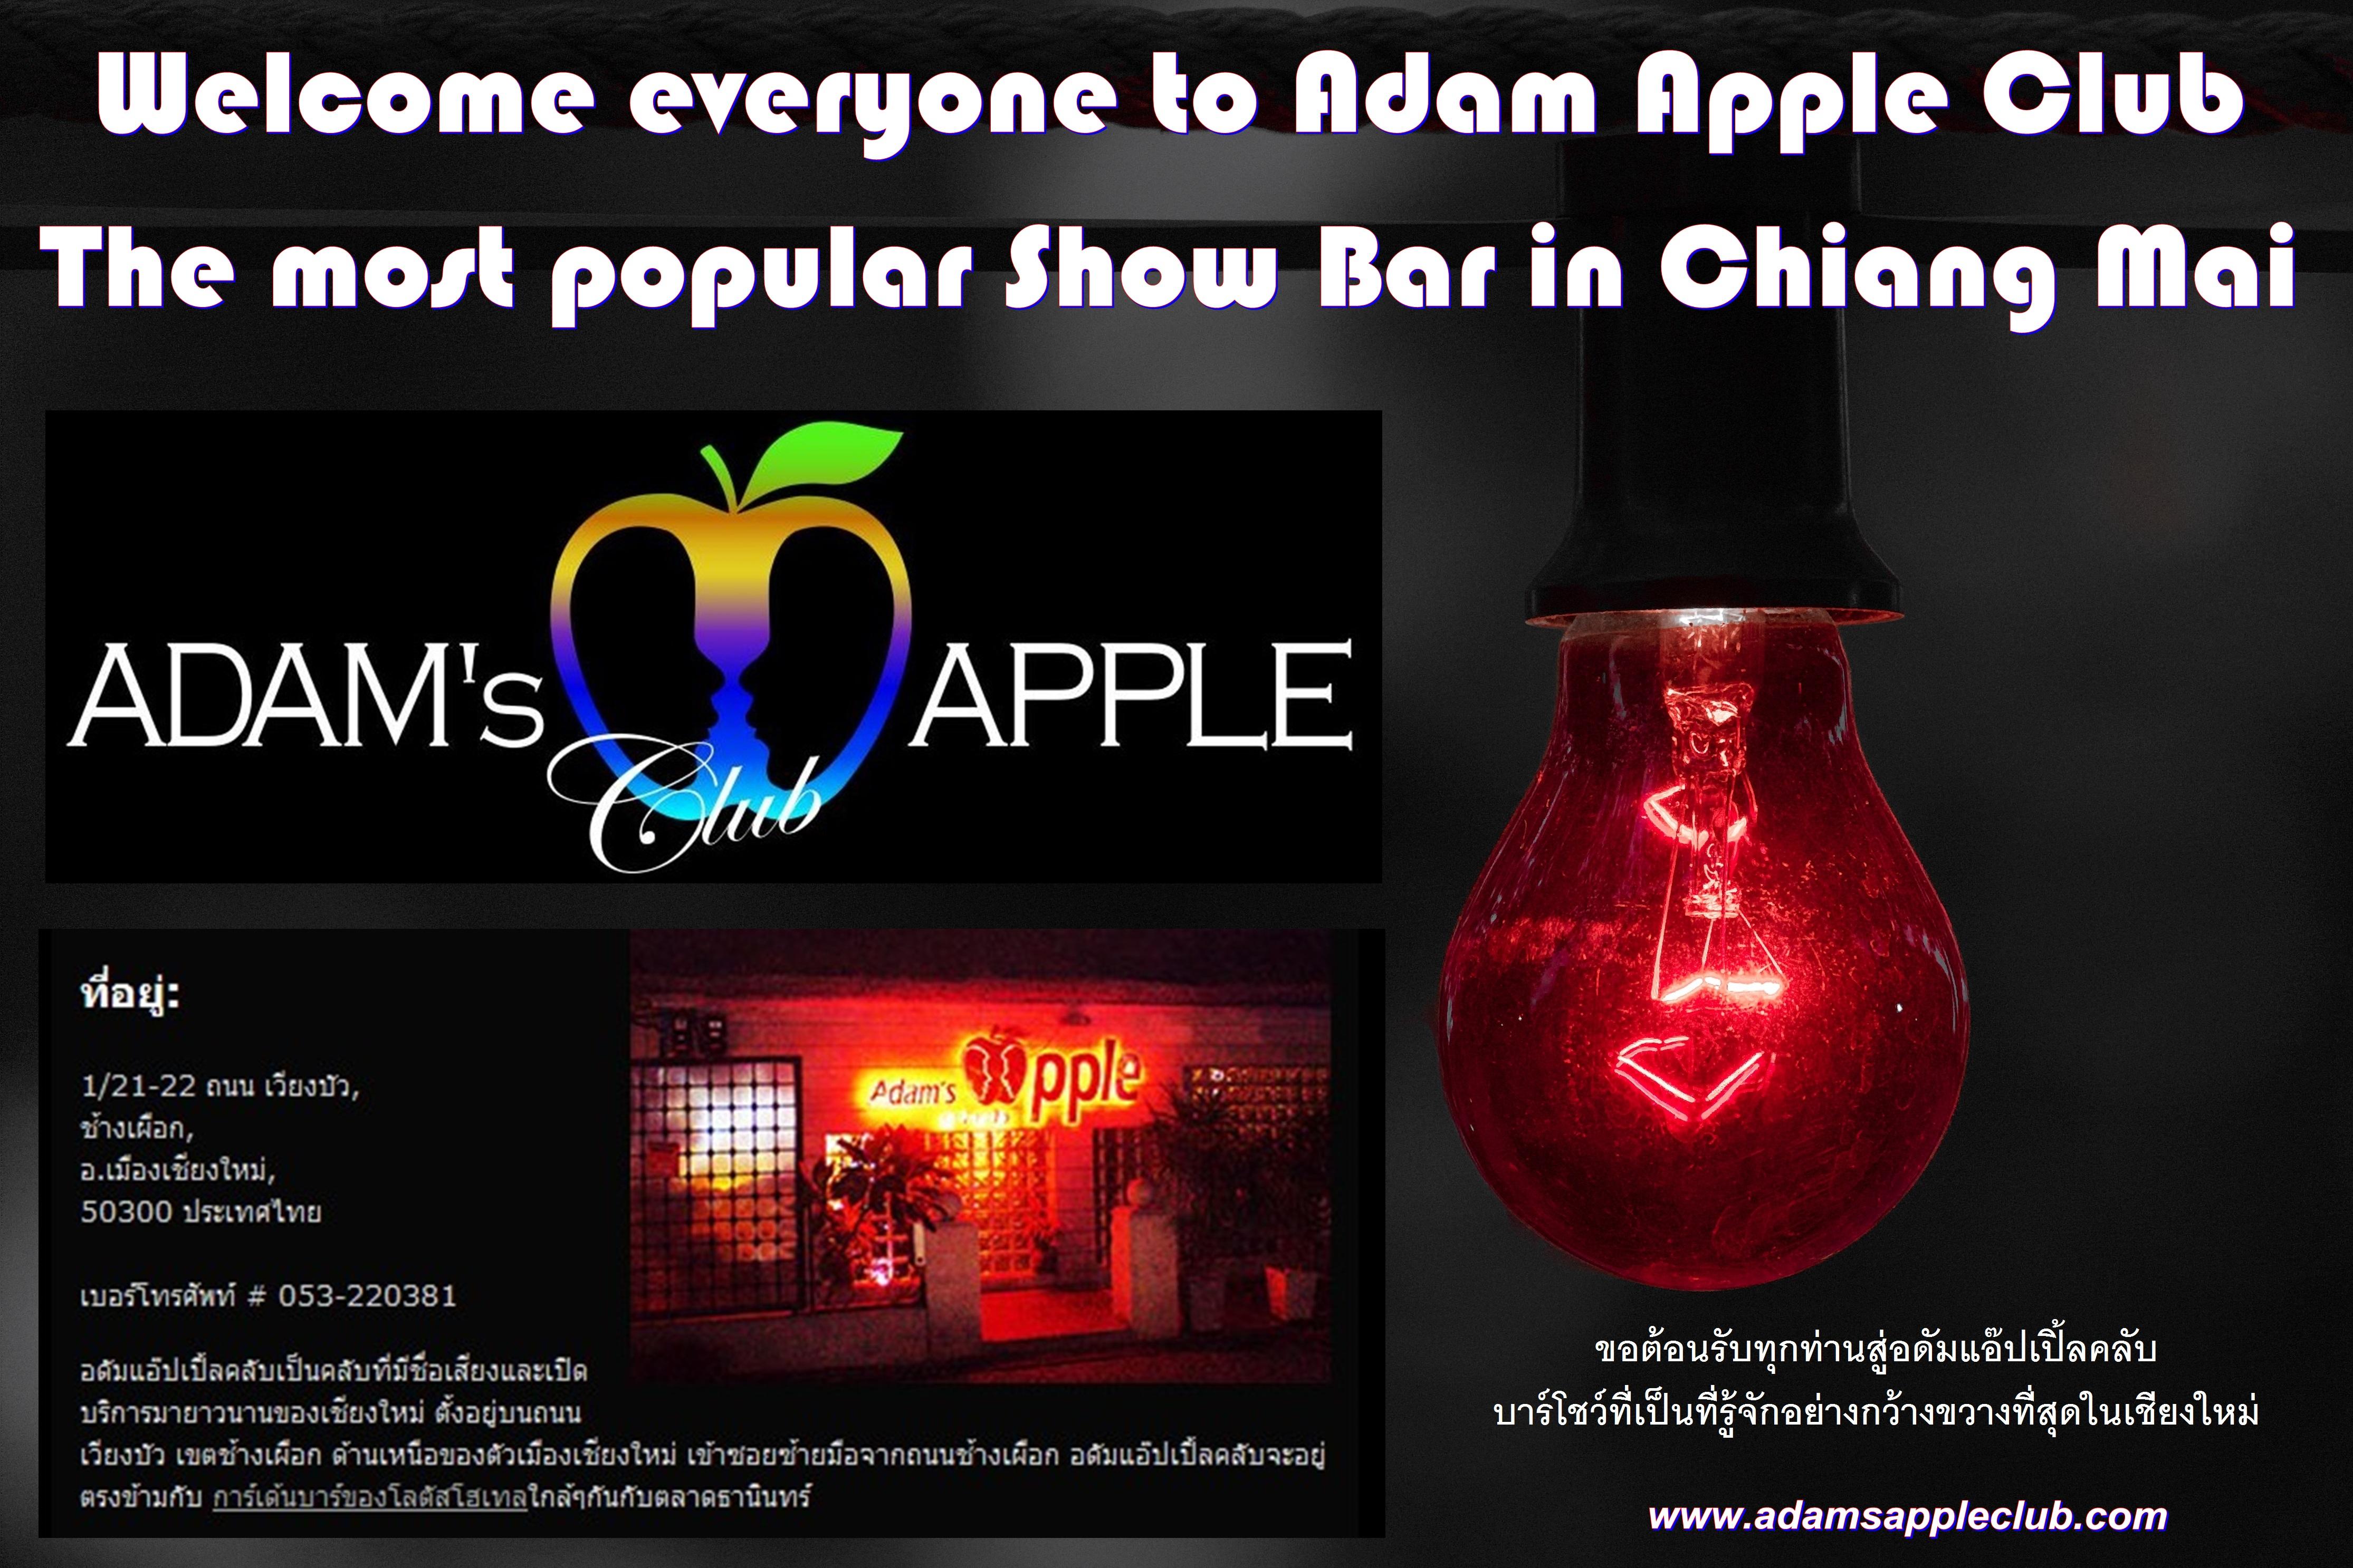 Most popular Show Bar Adams Apple Club